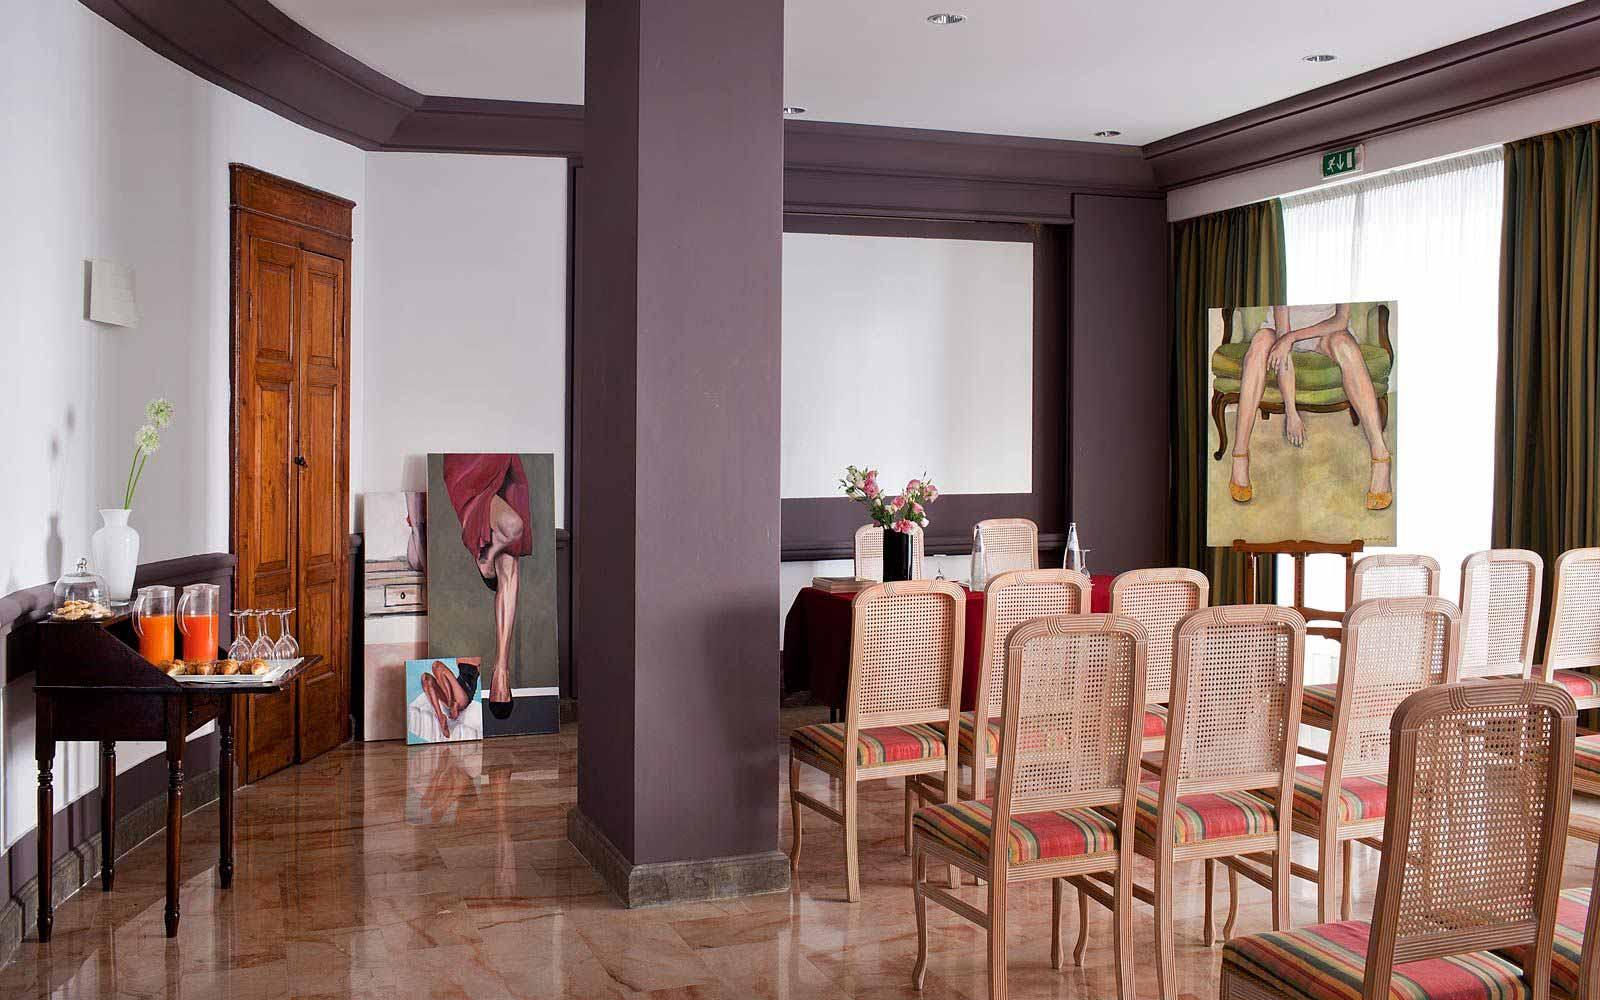 Meeting room at Hotel Principe Di Villafranca